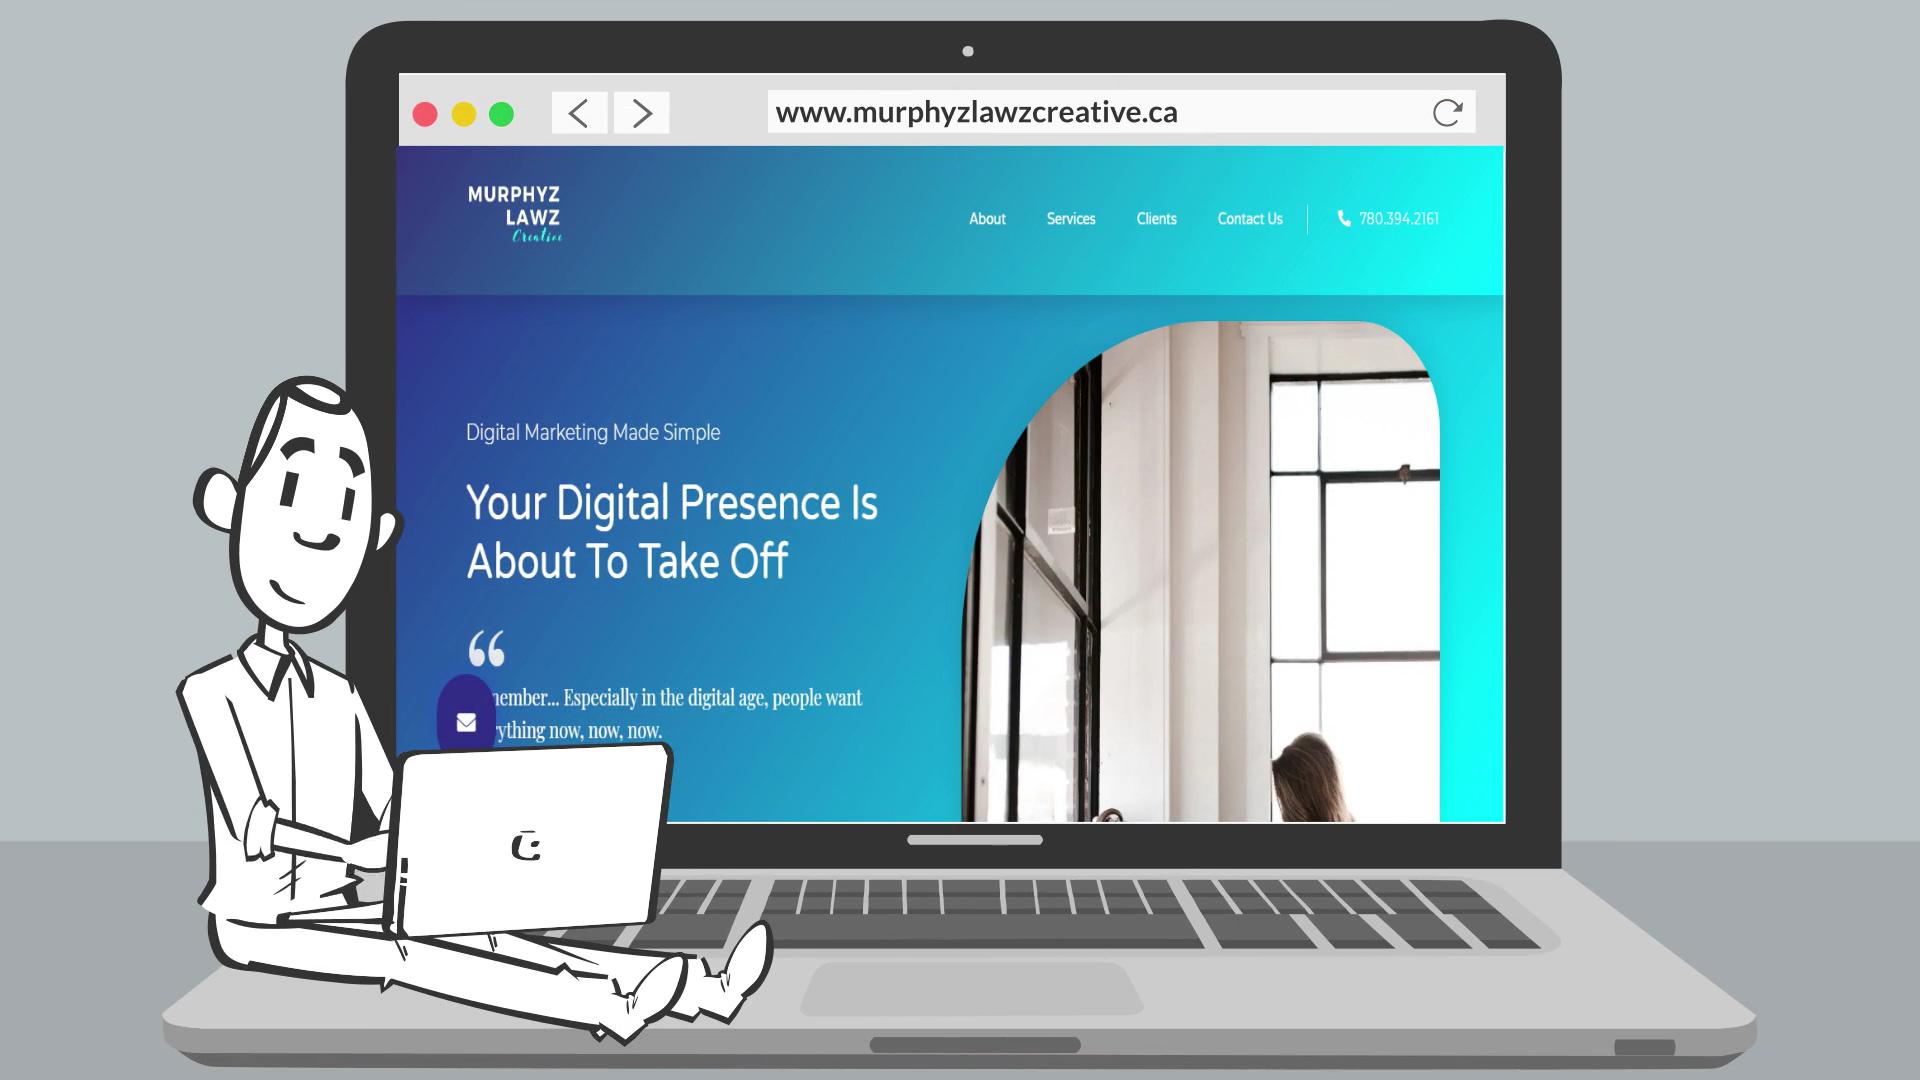 MURPHY LAWZ Explainer Video - Startups